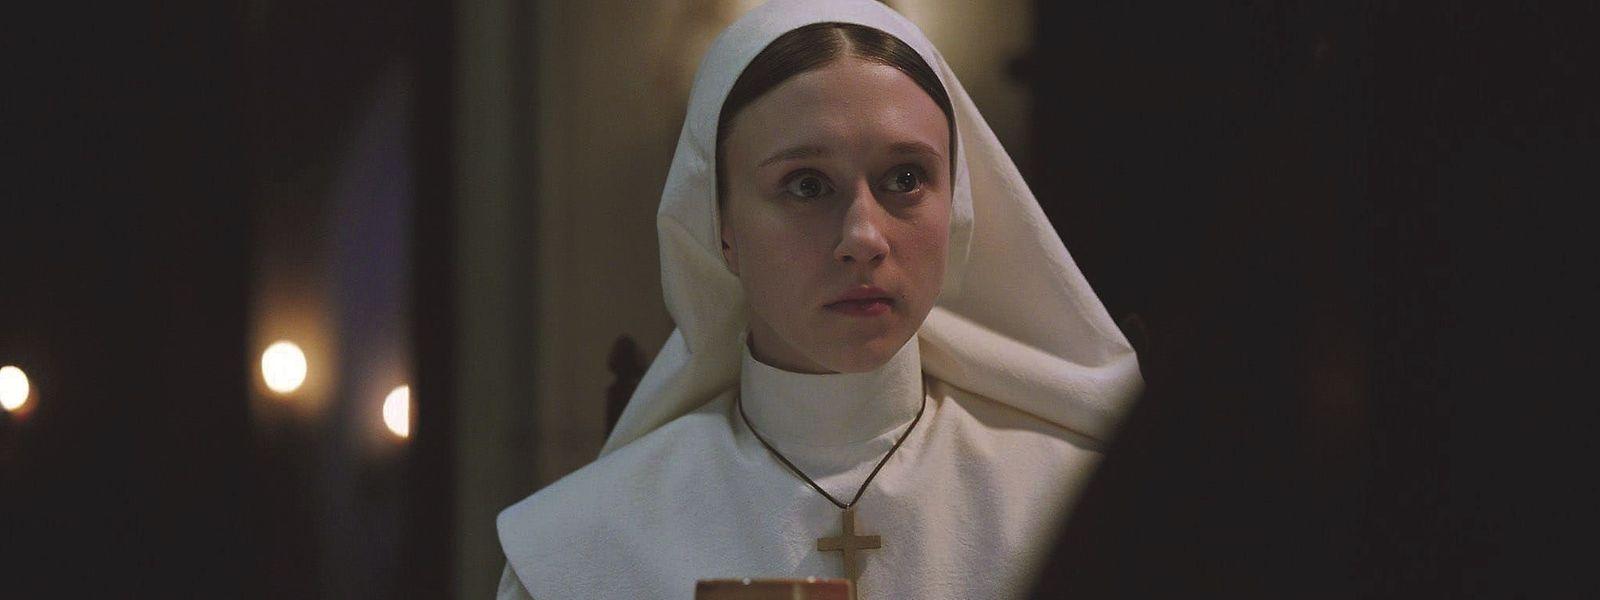 Irène, la jeune novice (Taissa Farmiga) n'est visiblement pas préparée pour la mission qui lui est confiée.